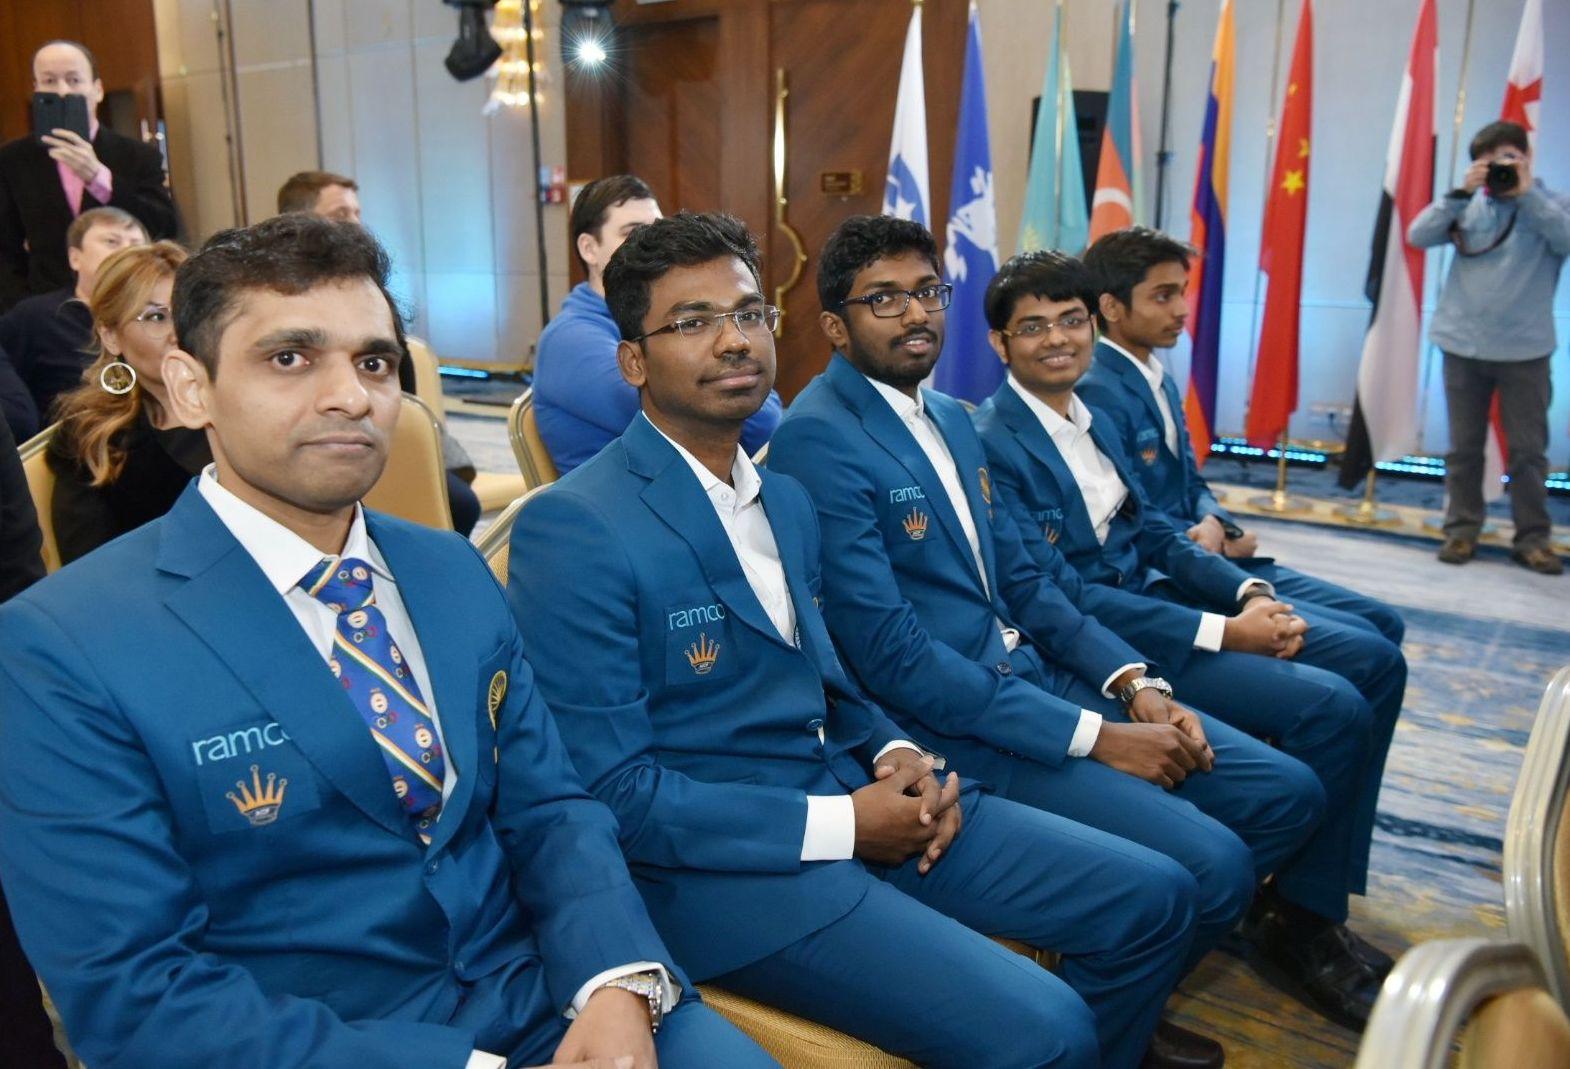 Открытие Чемпионата мира по шахматам в Астане